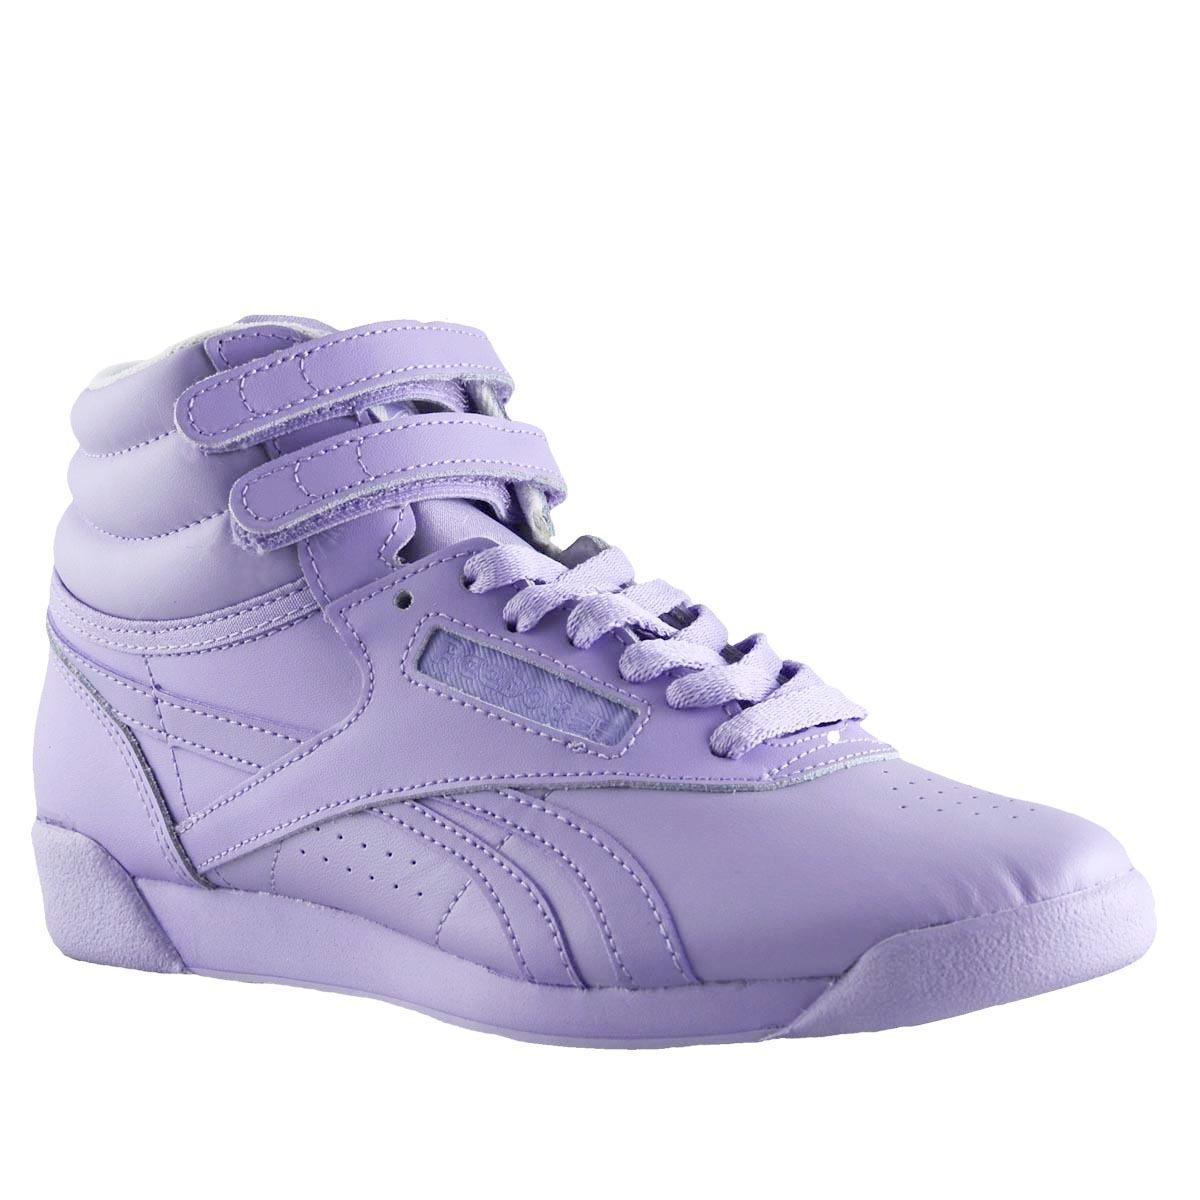 c1bf3c1568 Zapatillas Reebok Freestyle Spirit Mujer - $ 1.190,00 en Mercado Libre